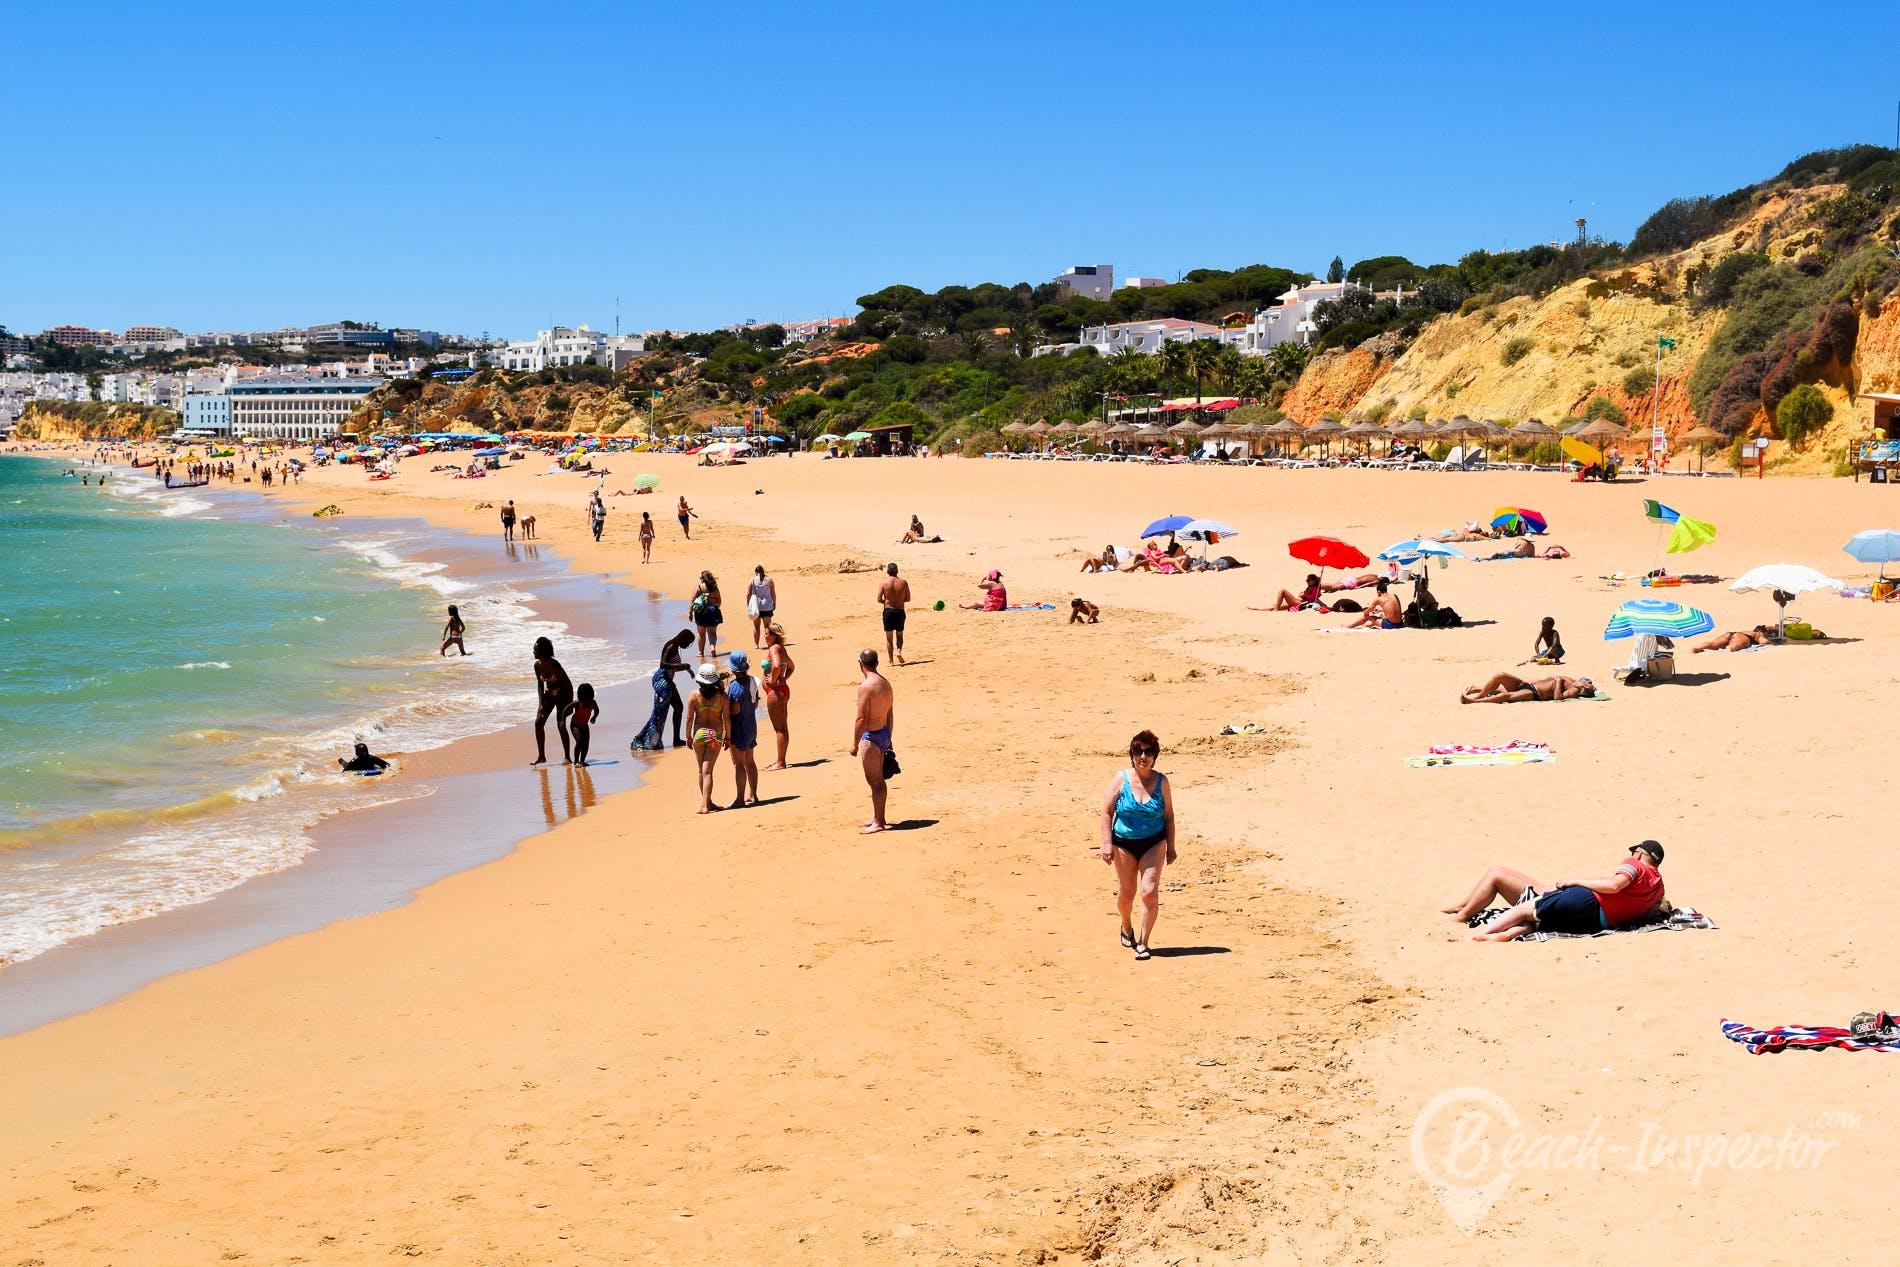 Beach Praia dos Alemães, Algarve, Portugal